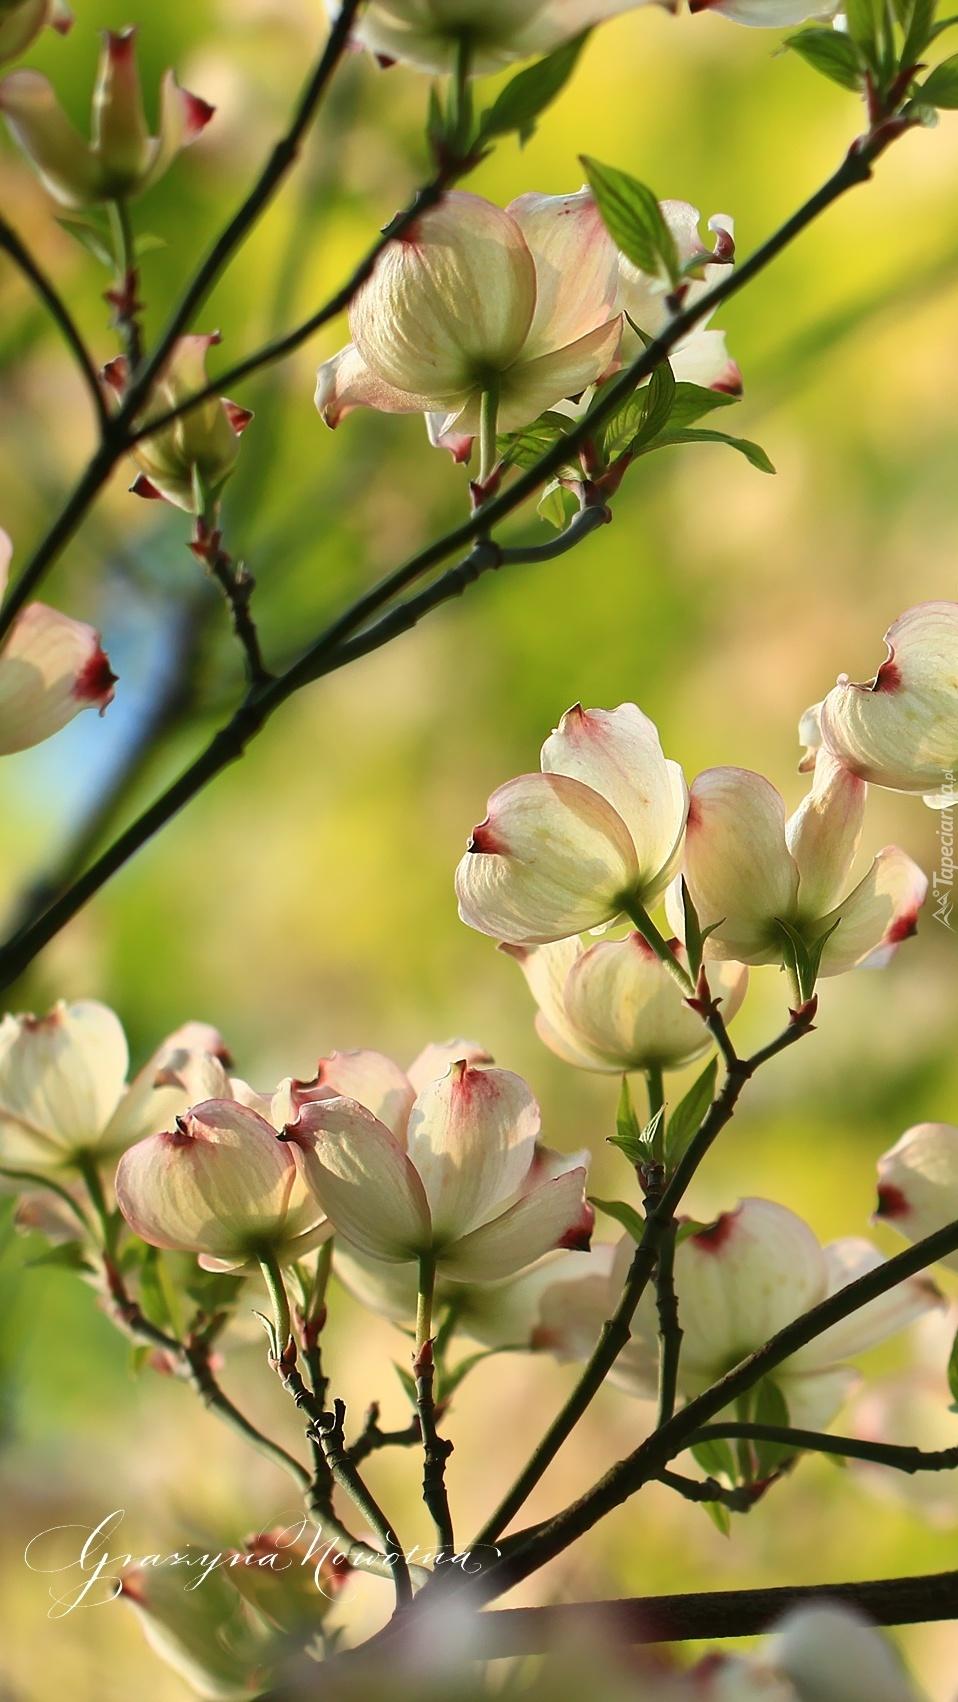 Wieloletni krzew derenia z biało-różowymi kwiatkami